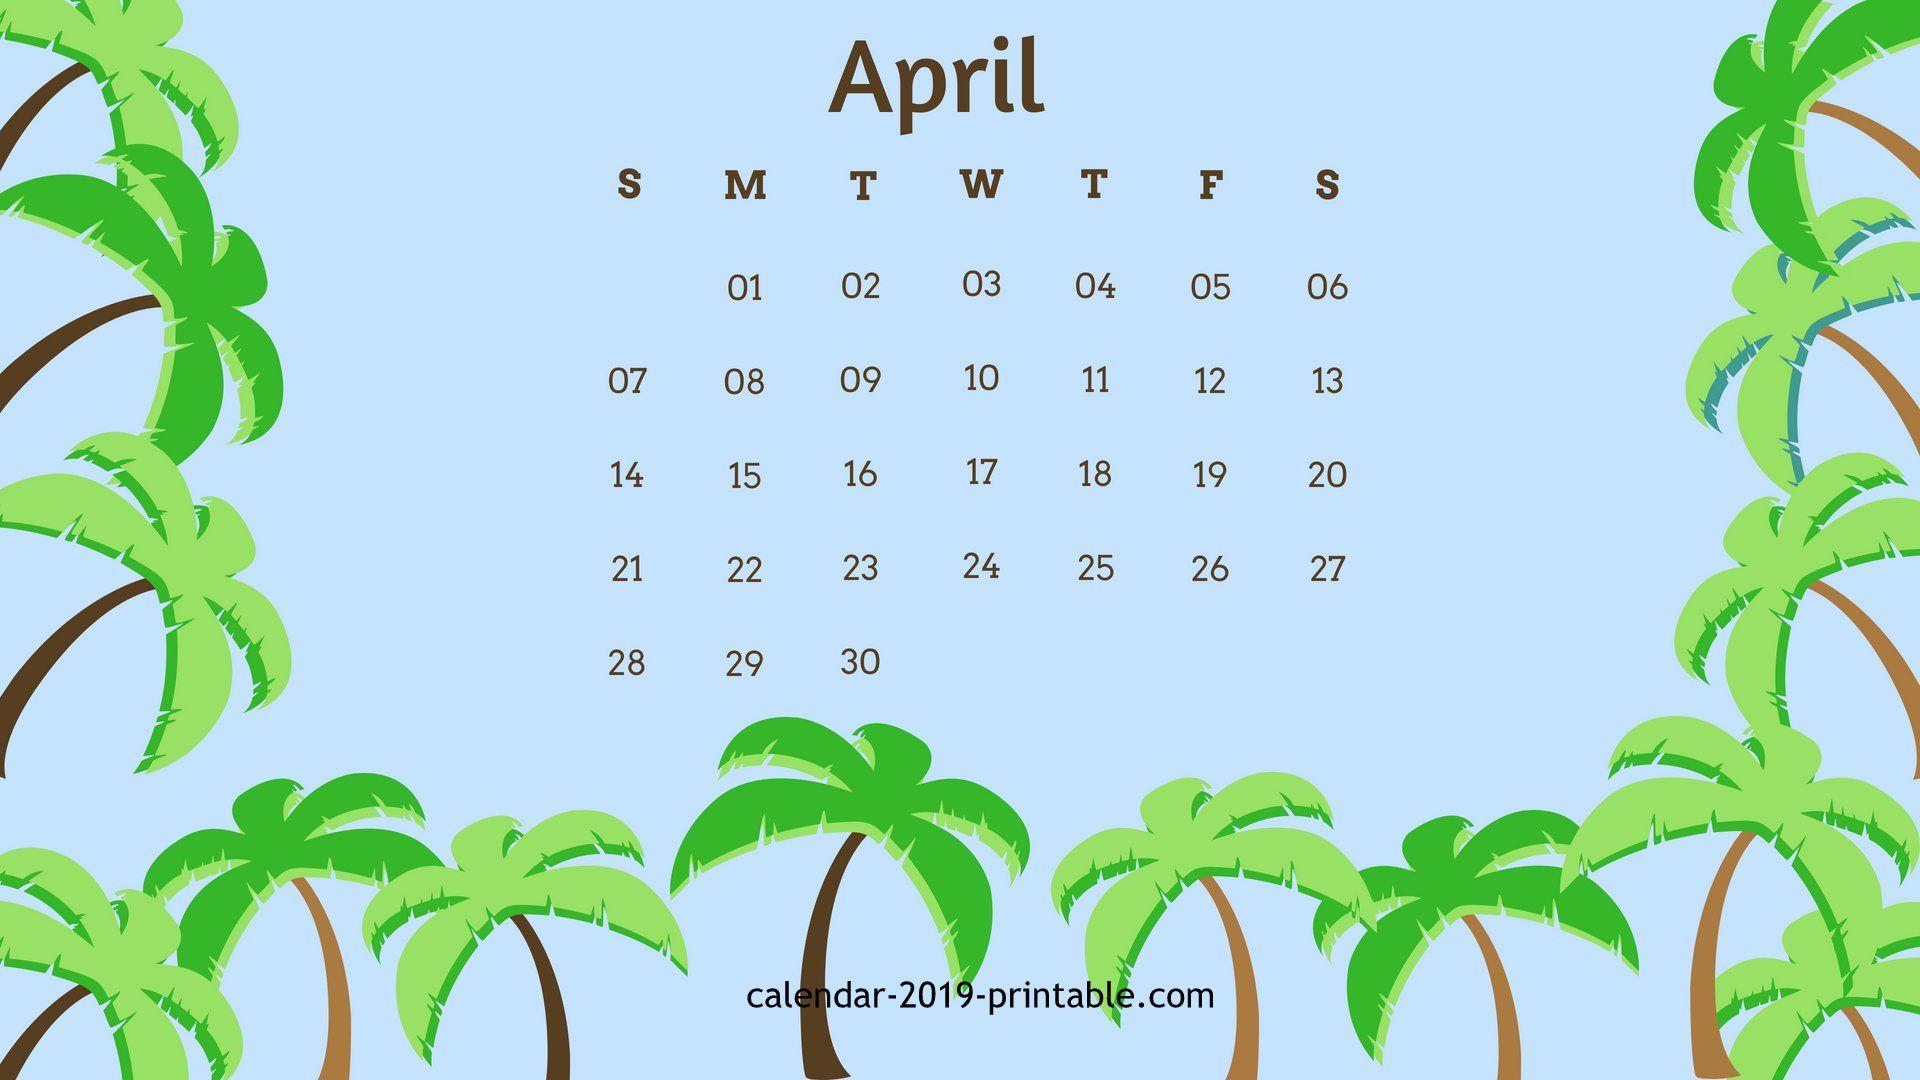 free april 2019 wallpaper calendar in 2019.